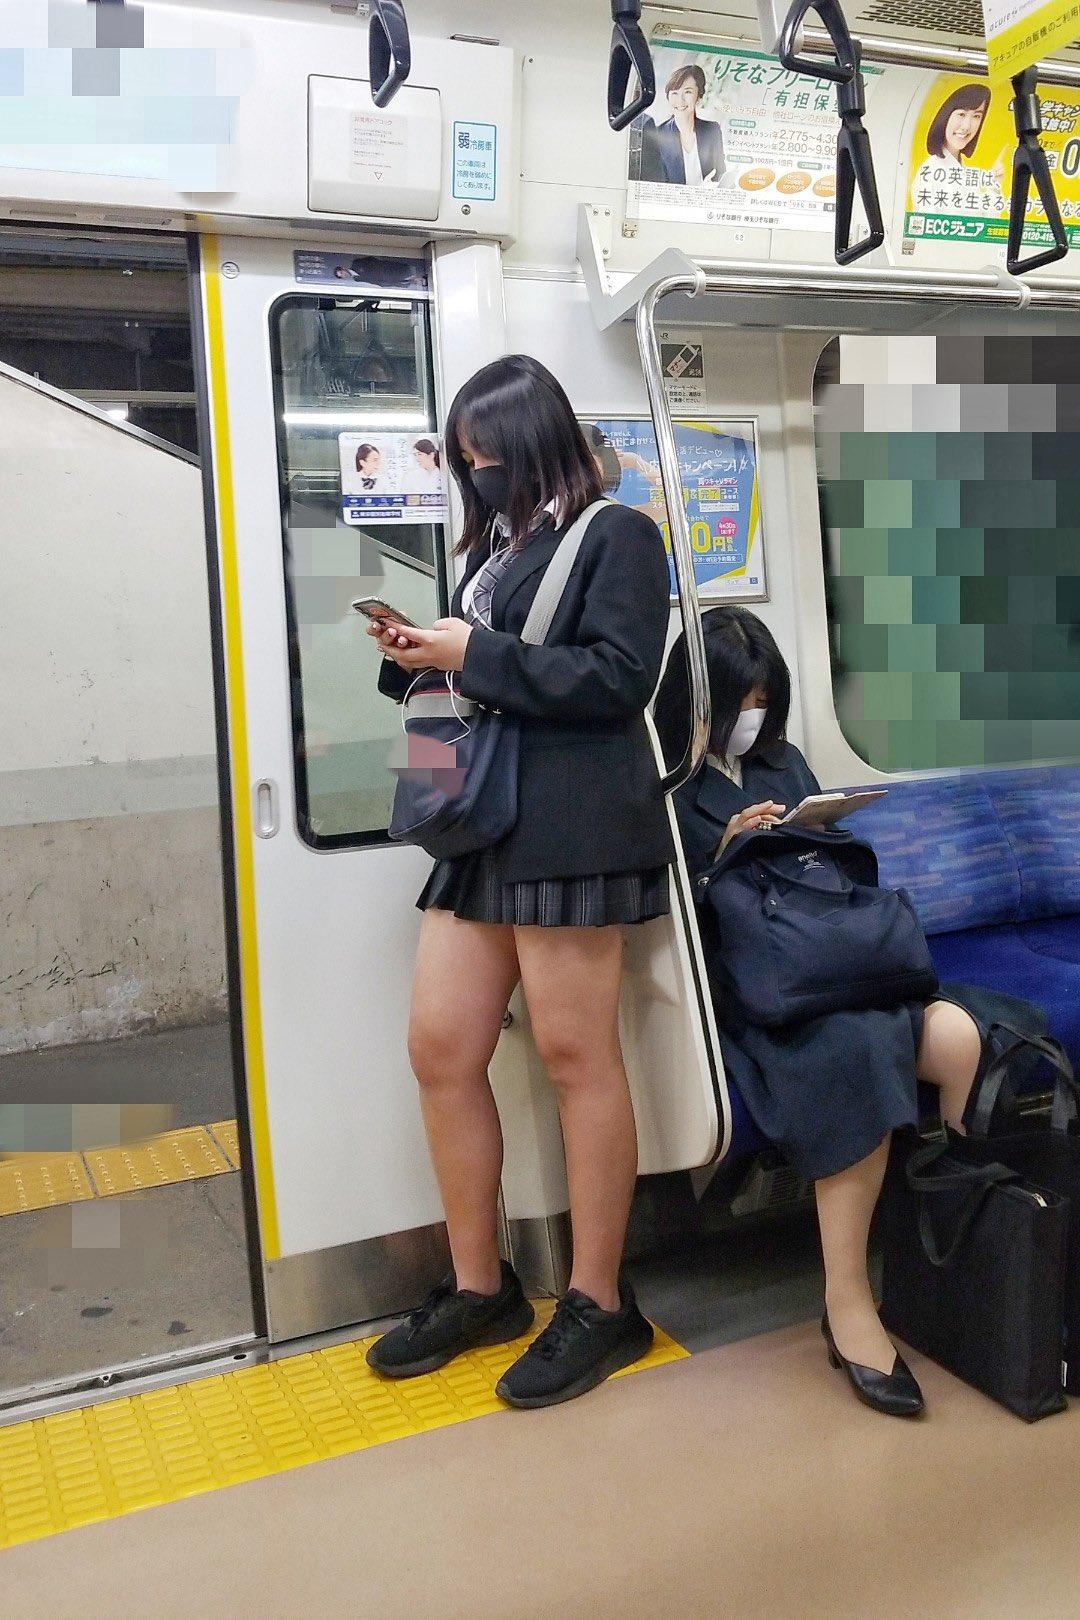 【JK】通勤電車が天国なのはJKのエロい太ももが存在するから